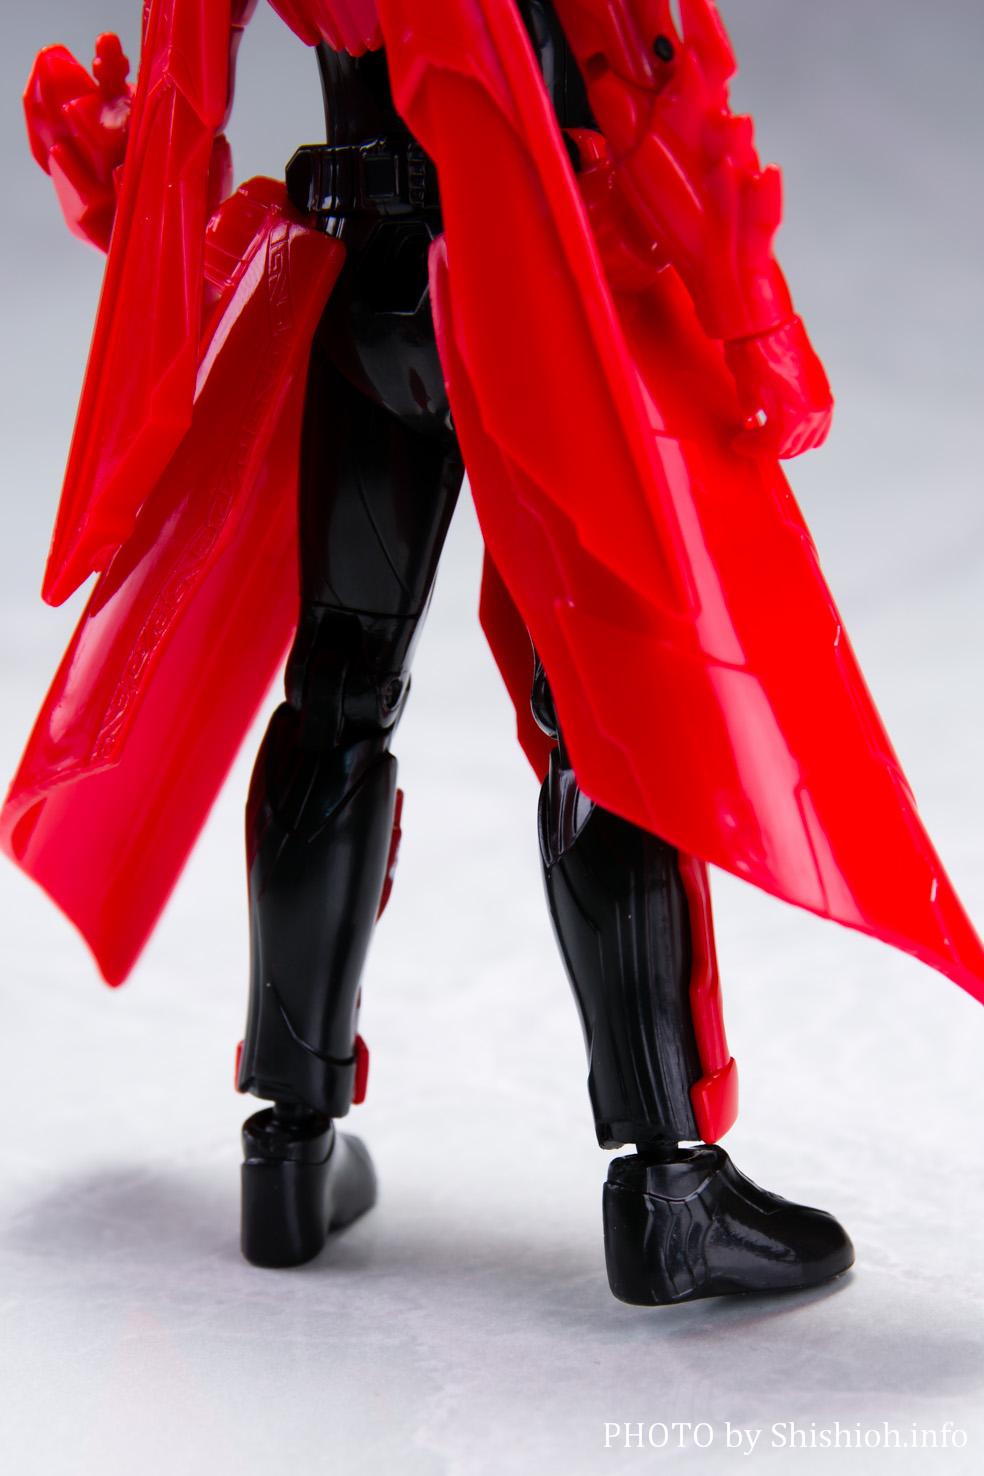 RKF 仮面ライダーセイバー ドラゴニックナイト&ワンダーコンボセット パート2